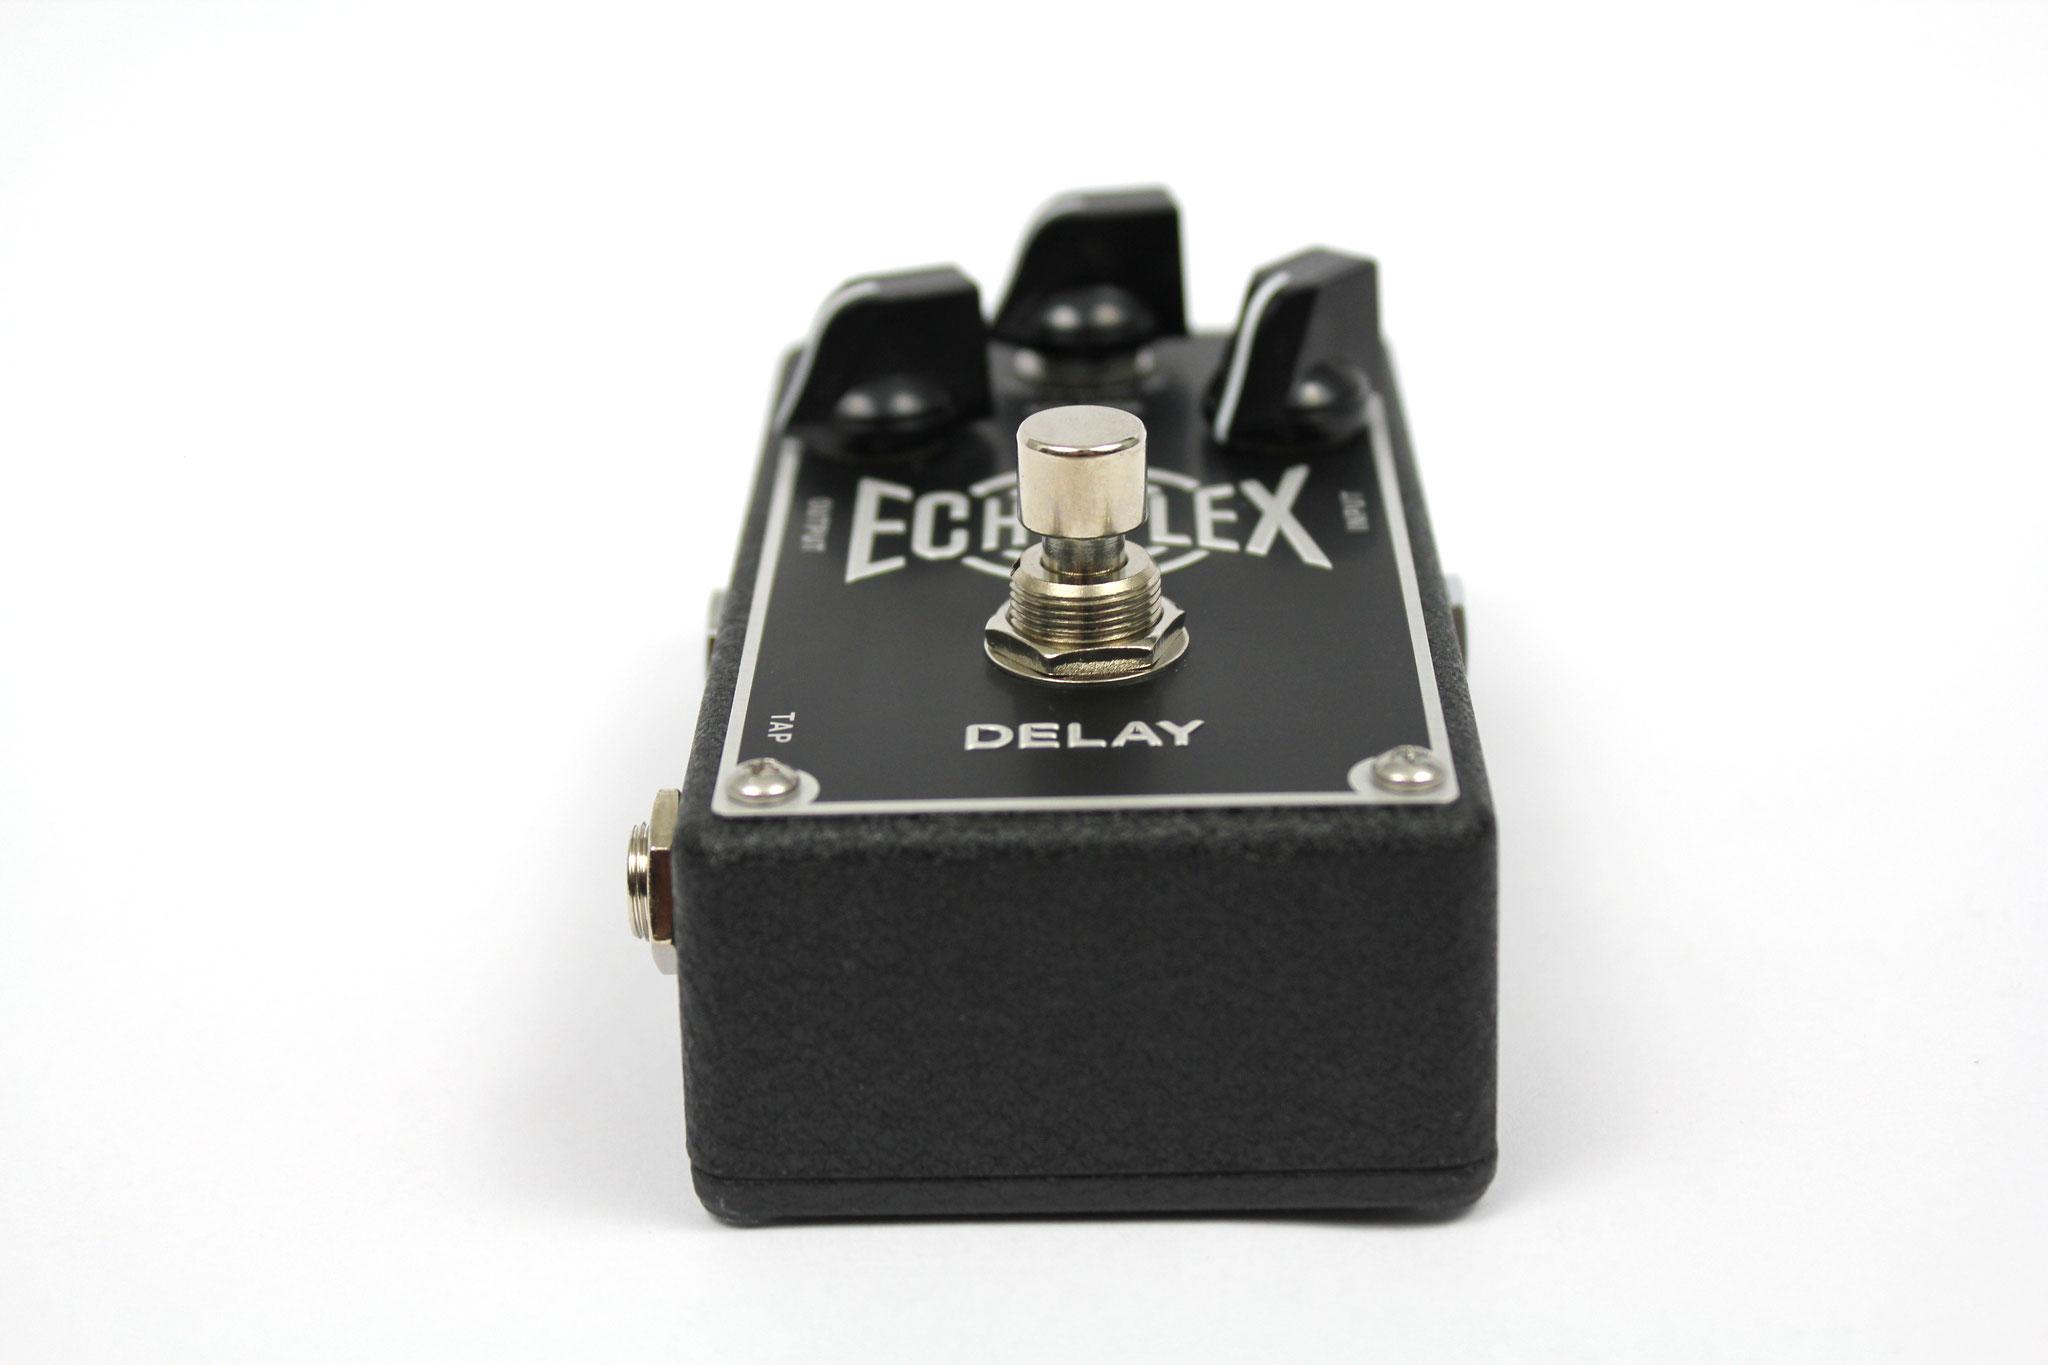 MXR Echoplex Delay